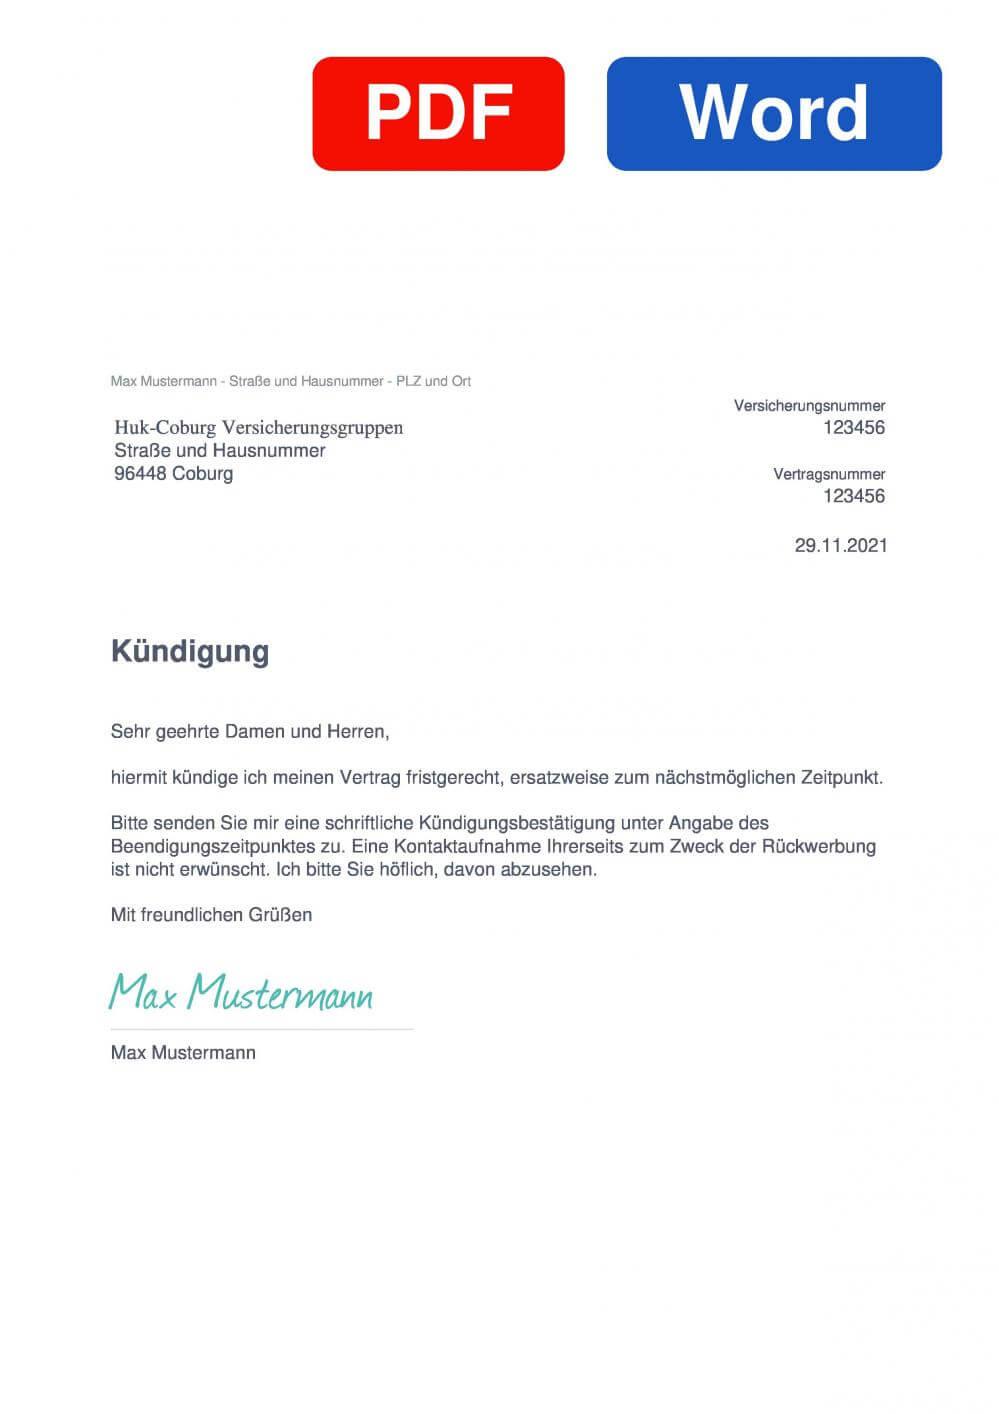 HUK-COBURG Lebensversicherung Muster Vorlage für Kündigungsschreiben